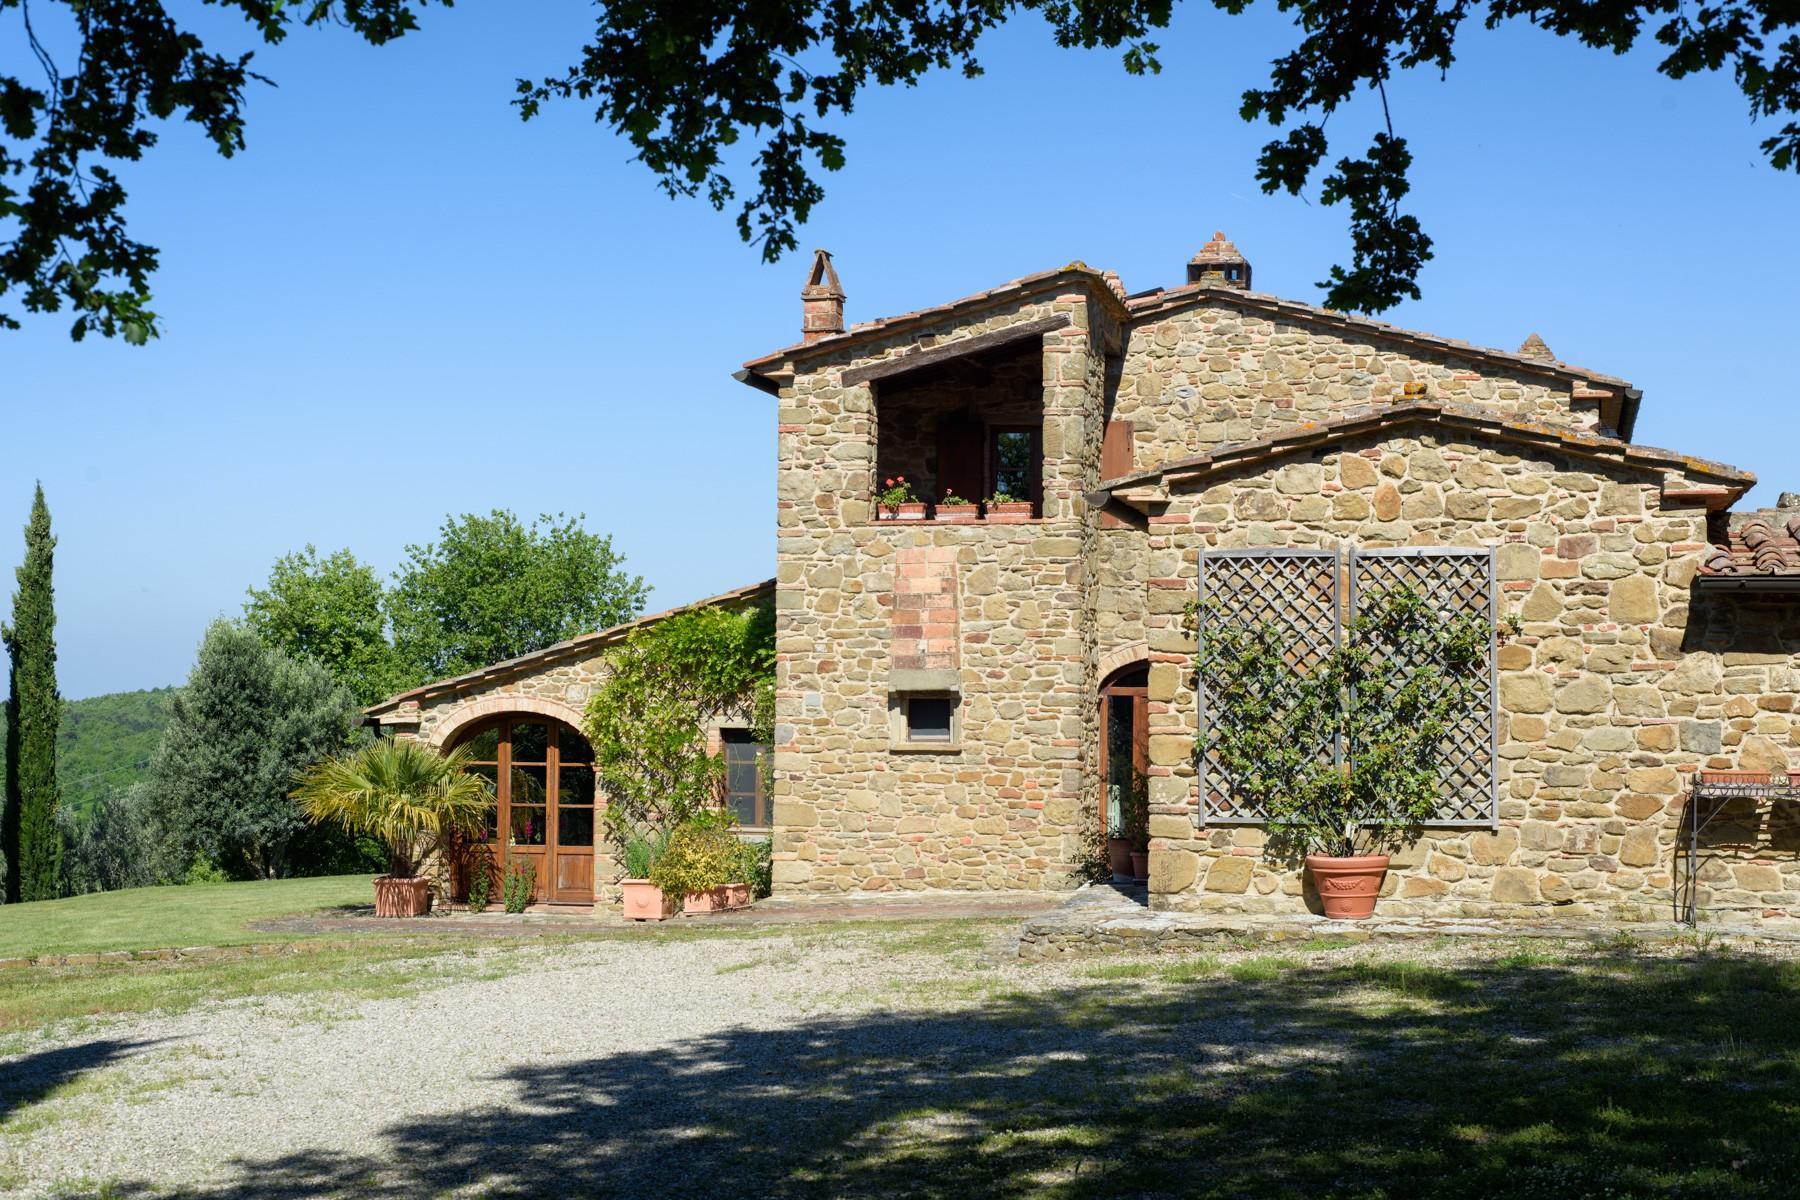 Rustico in Vendita a Monte San Savino: 5 locali, 266 mq - Foto 2